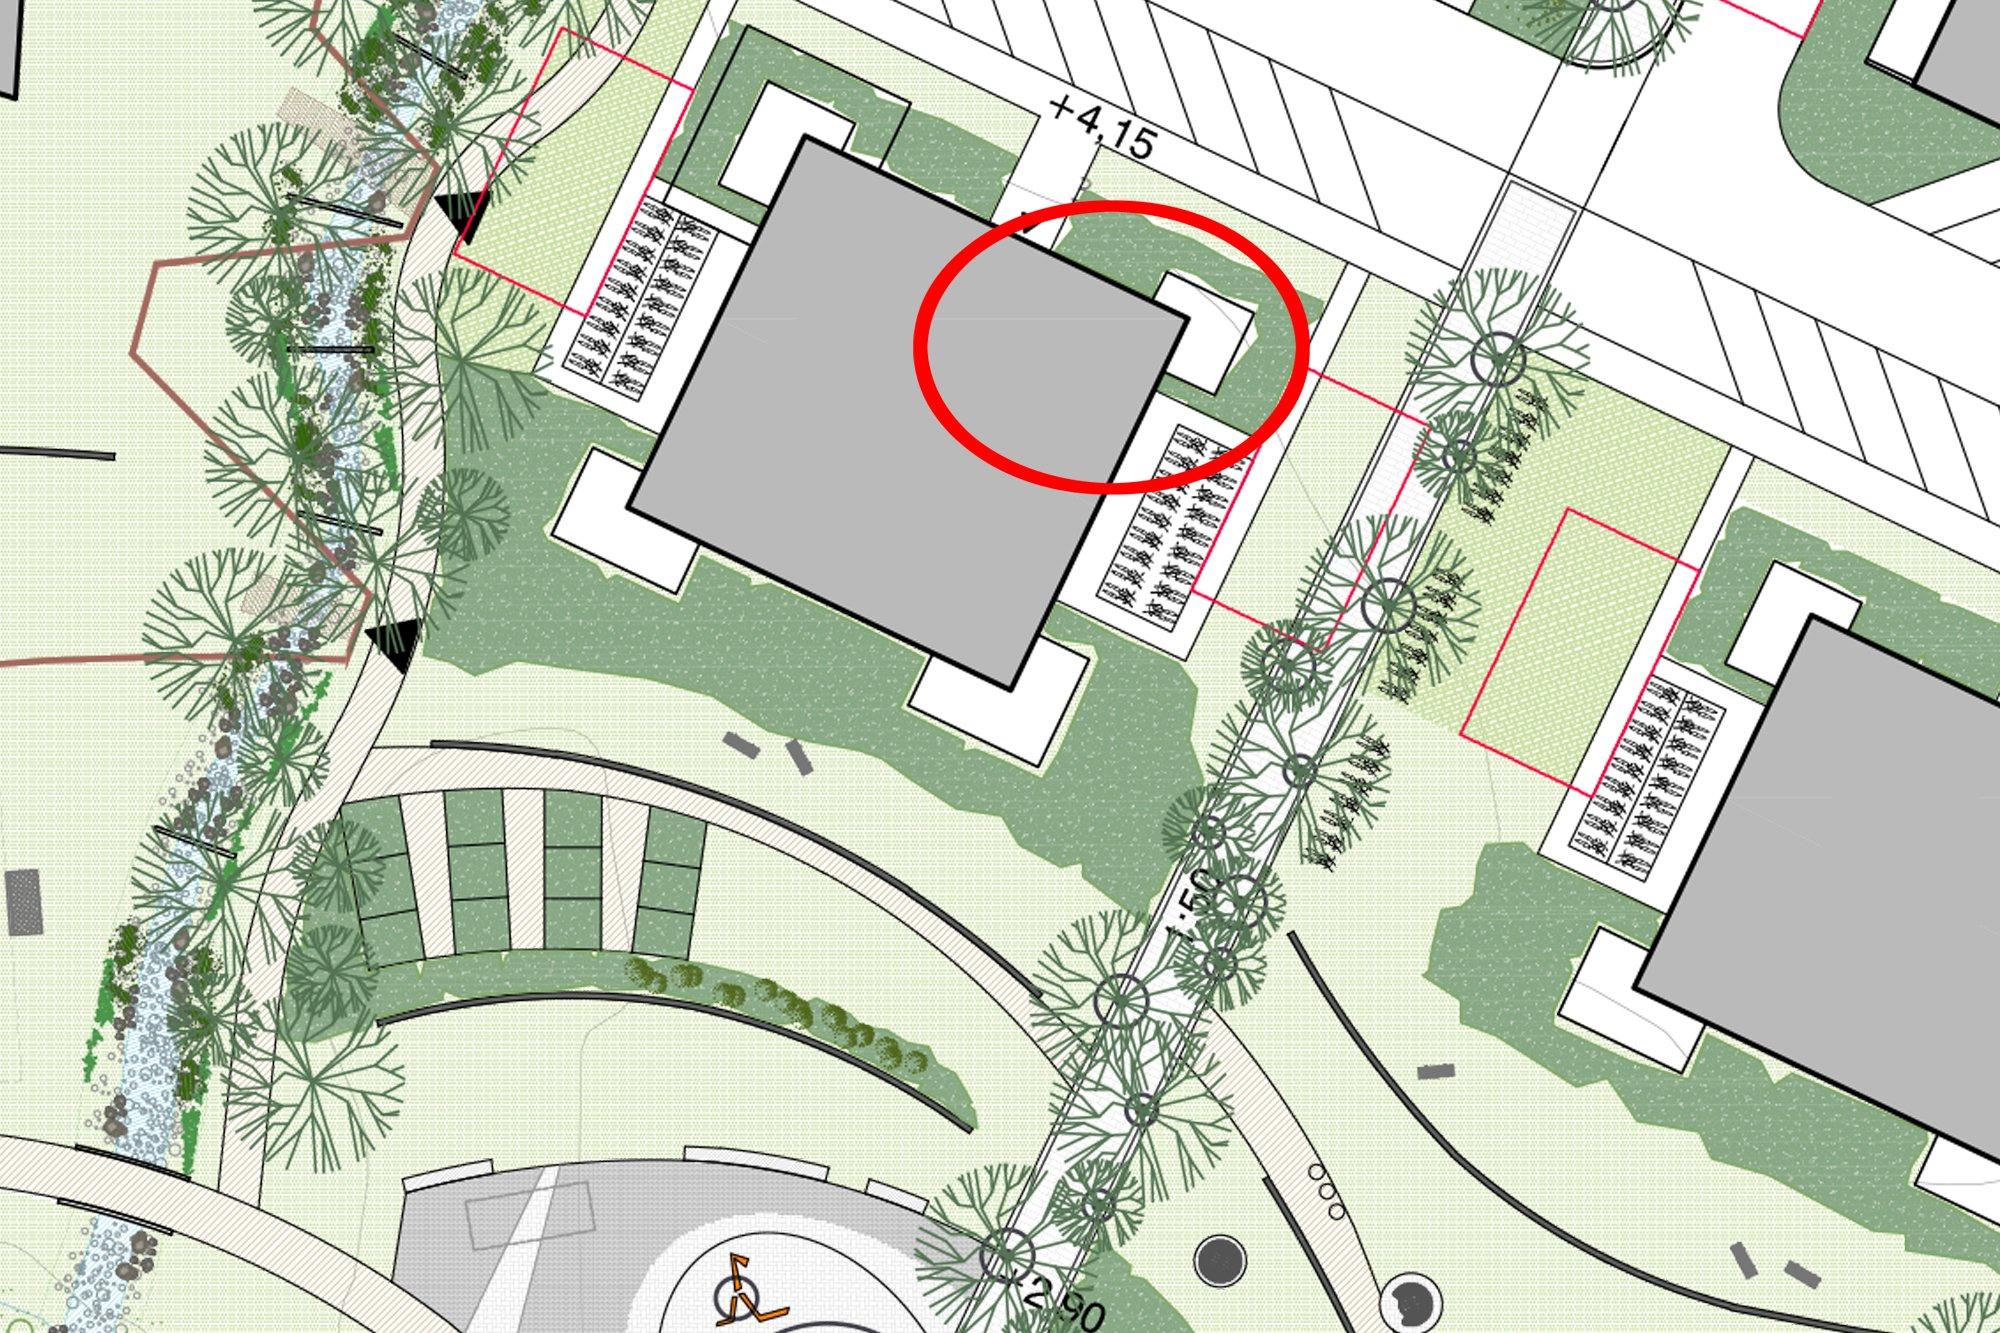 Verket Panorama_rød sirkel copy-1